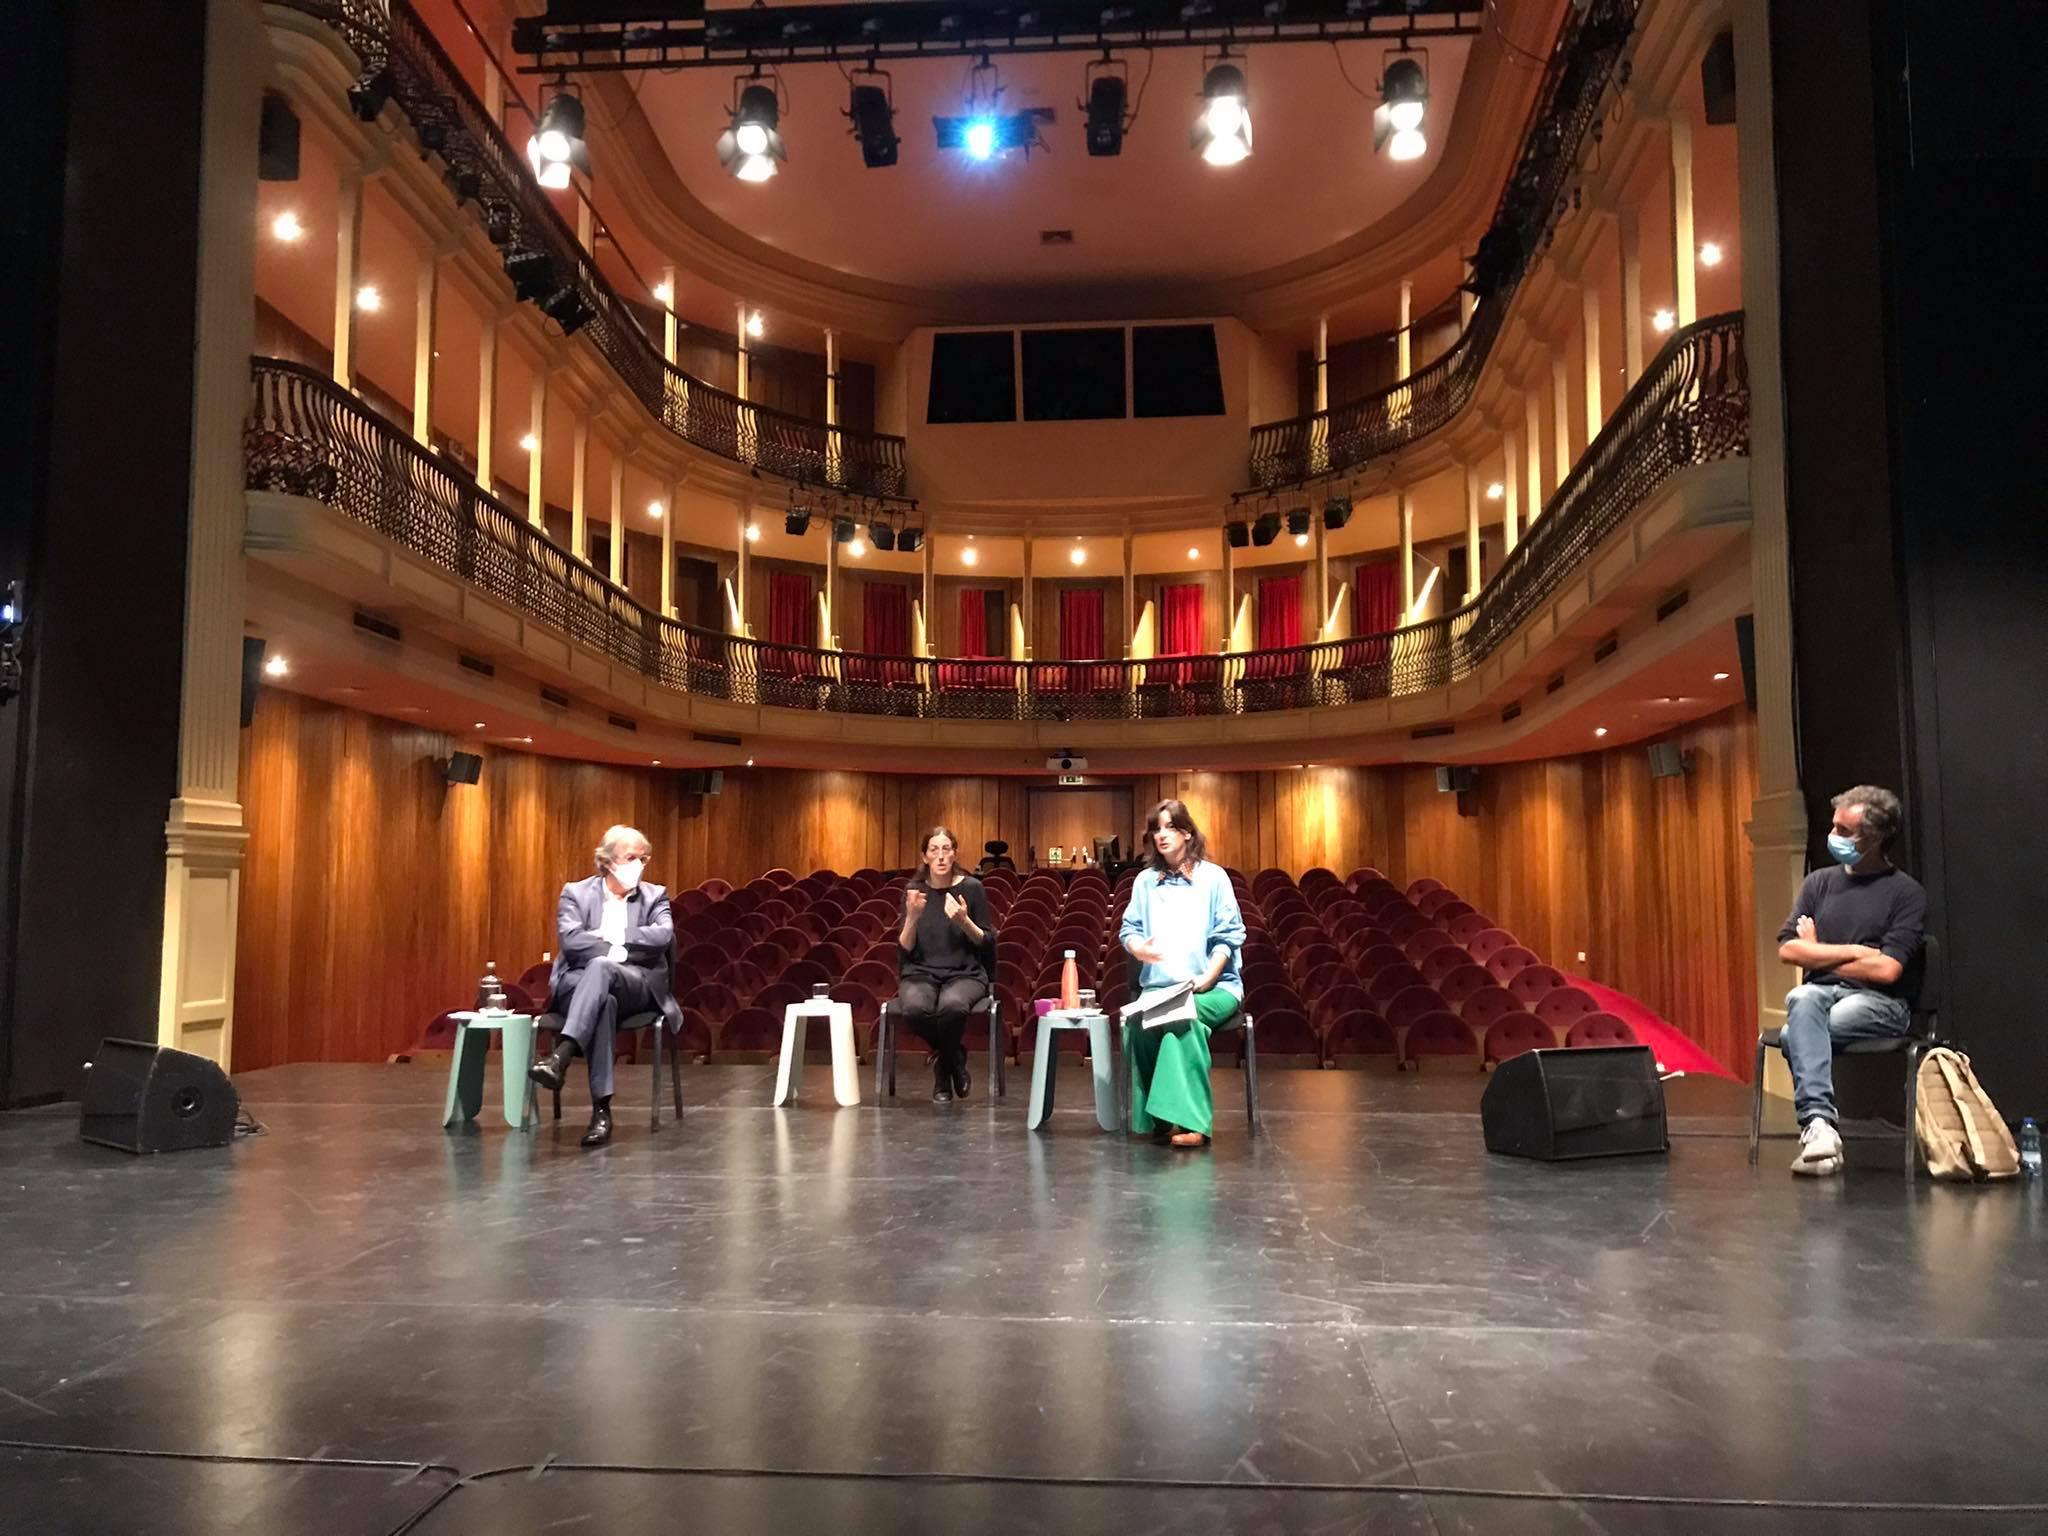 apresentação nova programação teatro viriato 15 09 2021